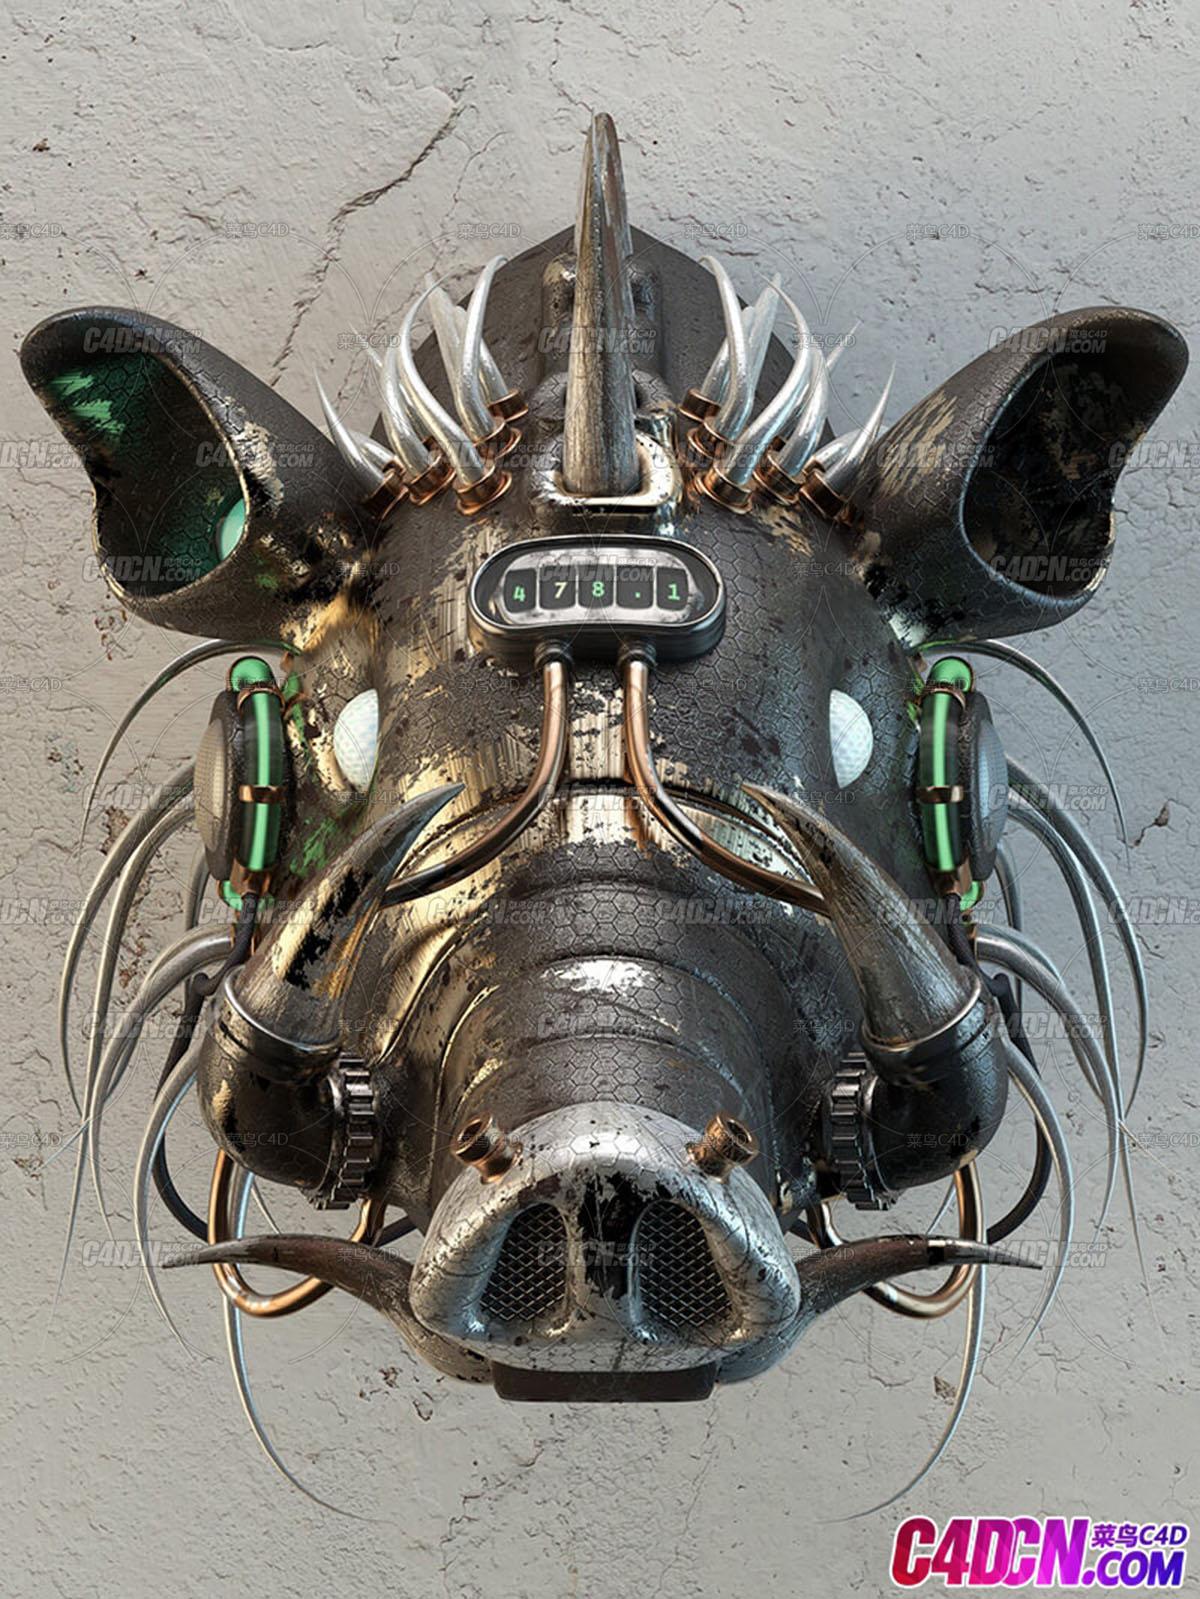 机械朋克风格野猪头装饰品工艺品C4D模型 Mechanical punk style wild boar head ornament crafts C4D mo